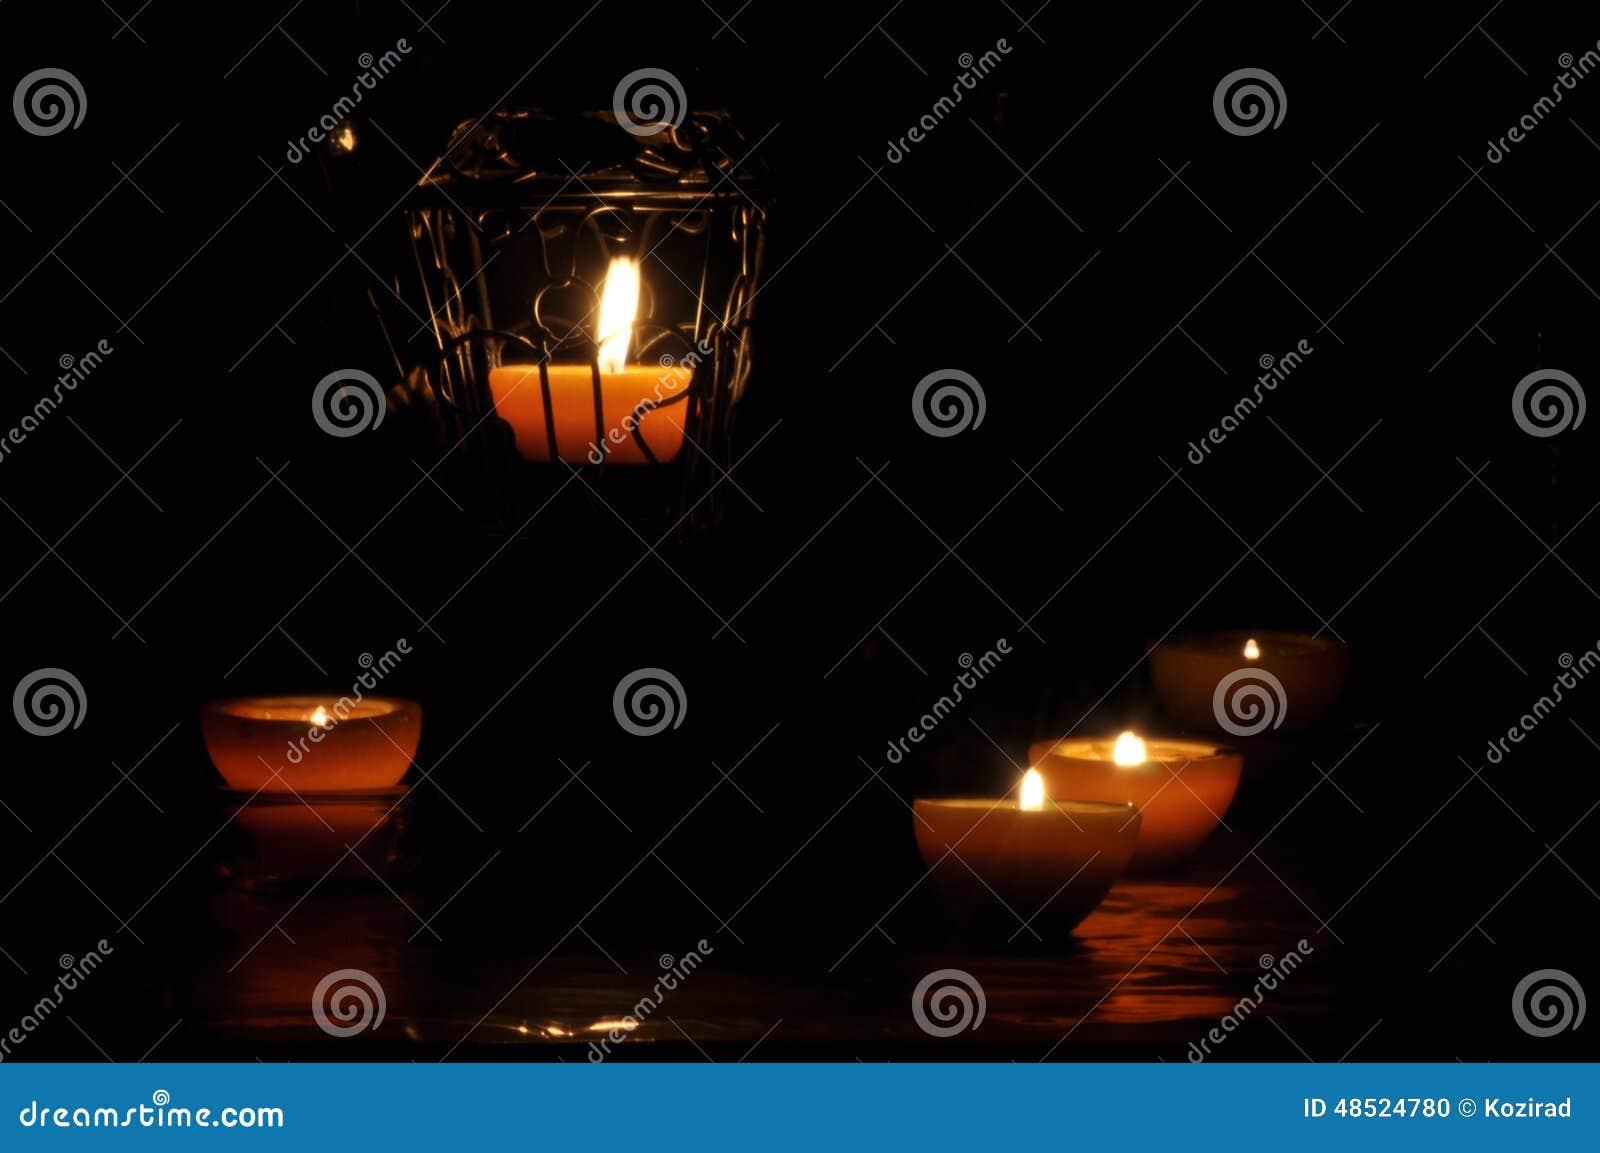 Lampa stearinljus som skiner i mörkret Challis flamma konstnärlig sammansättning lighting